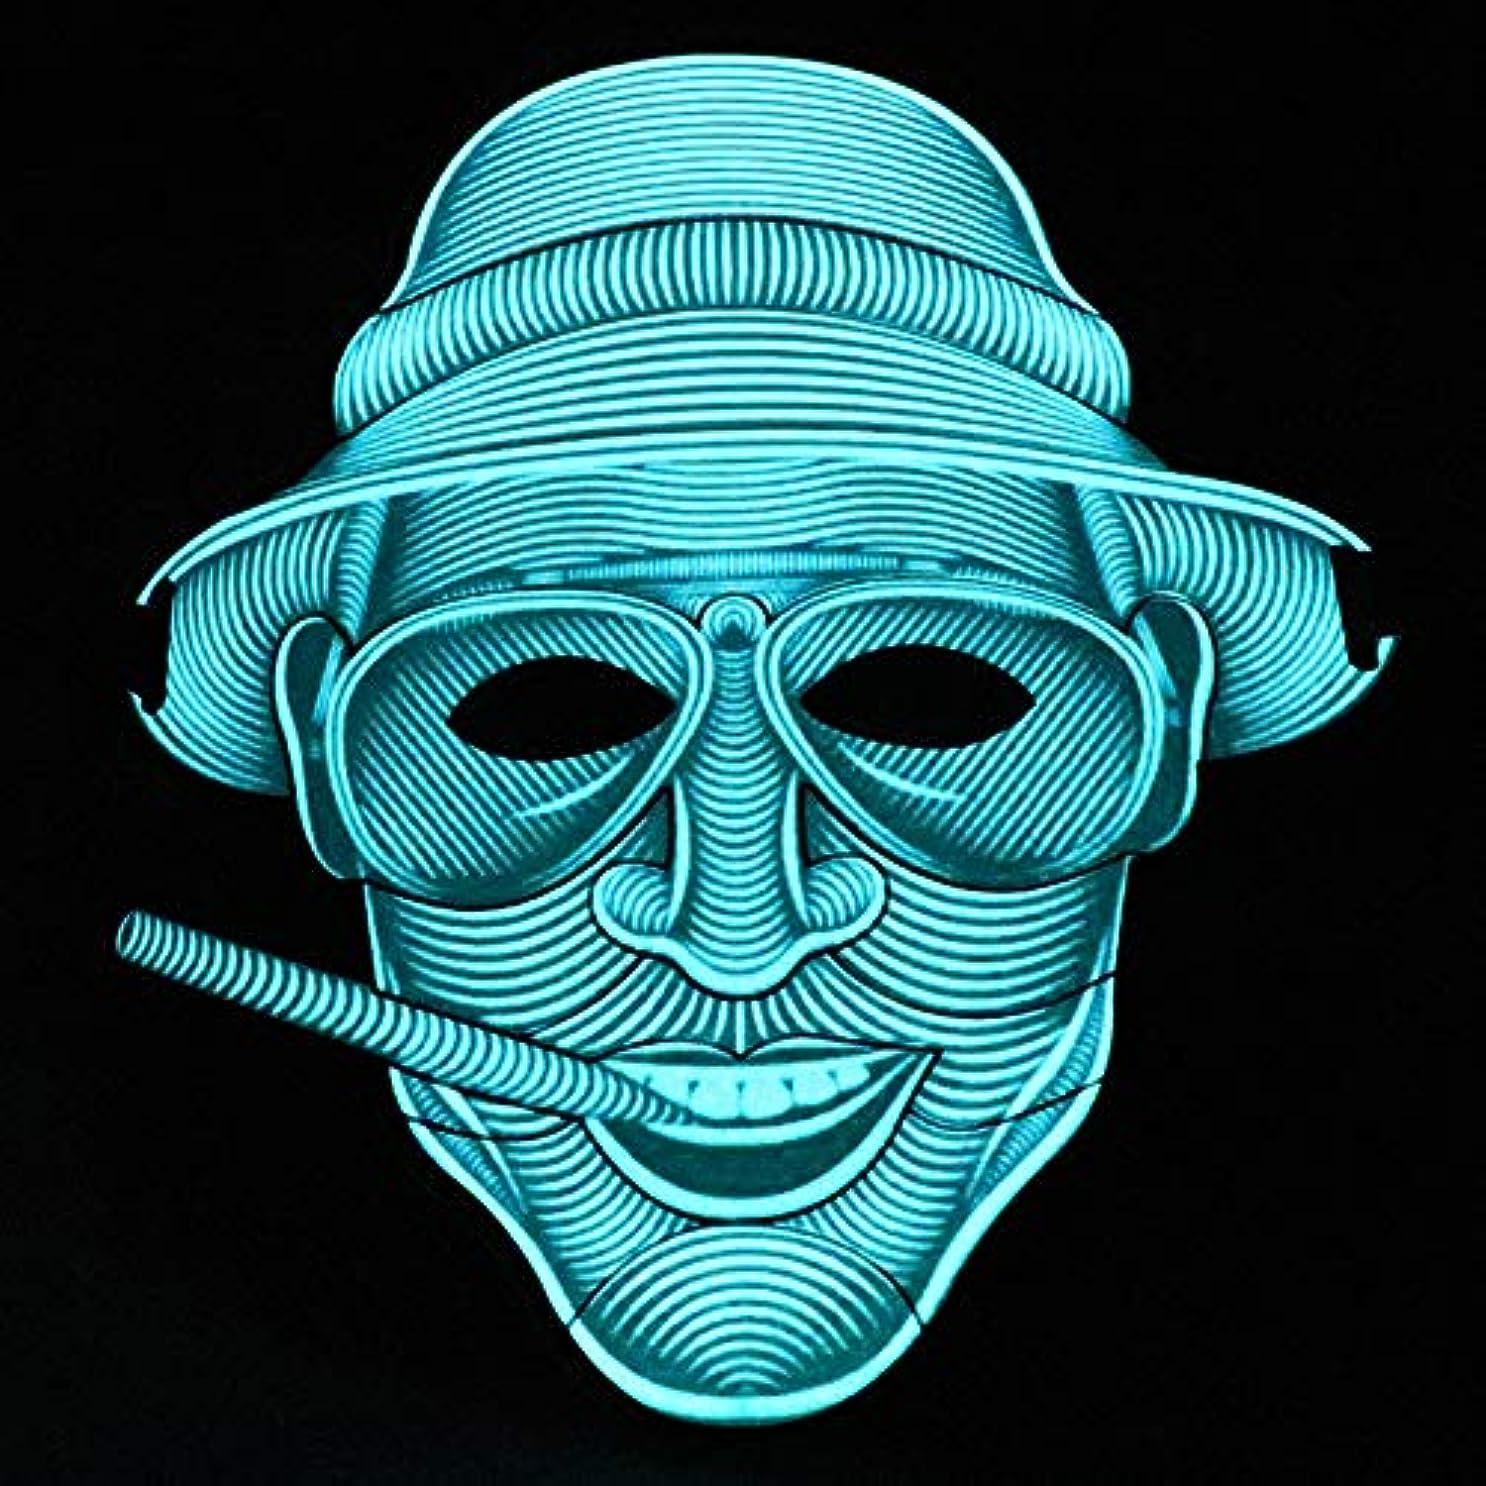 九月ビスケットシェトランド諸島照らされたマスクLED創造的な冷光音響制御マスクハロウィンバーフェスティバルダンスマスク (Color : #7)